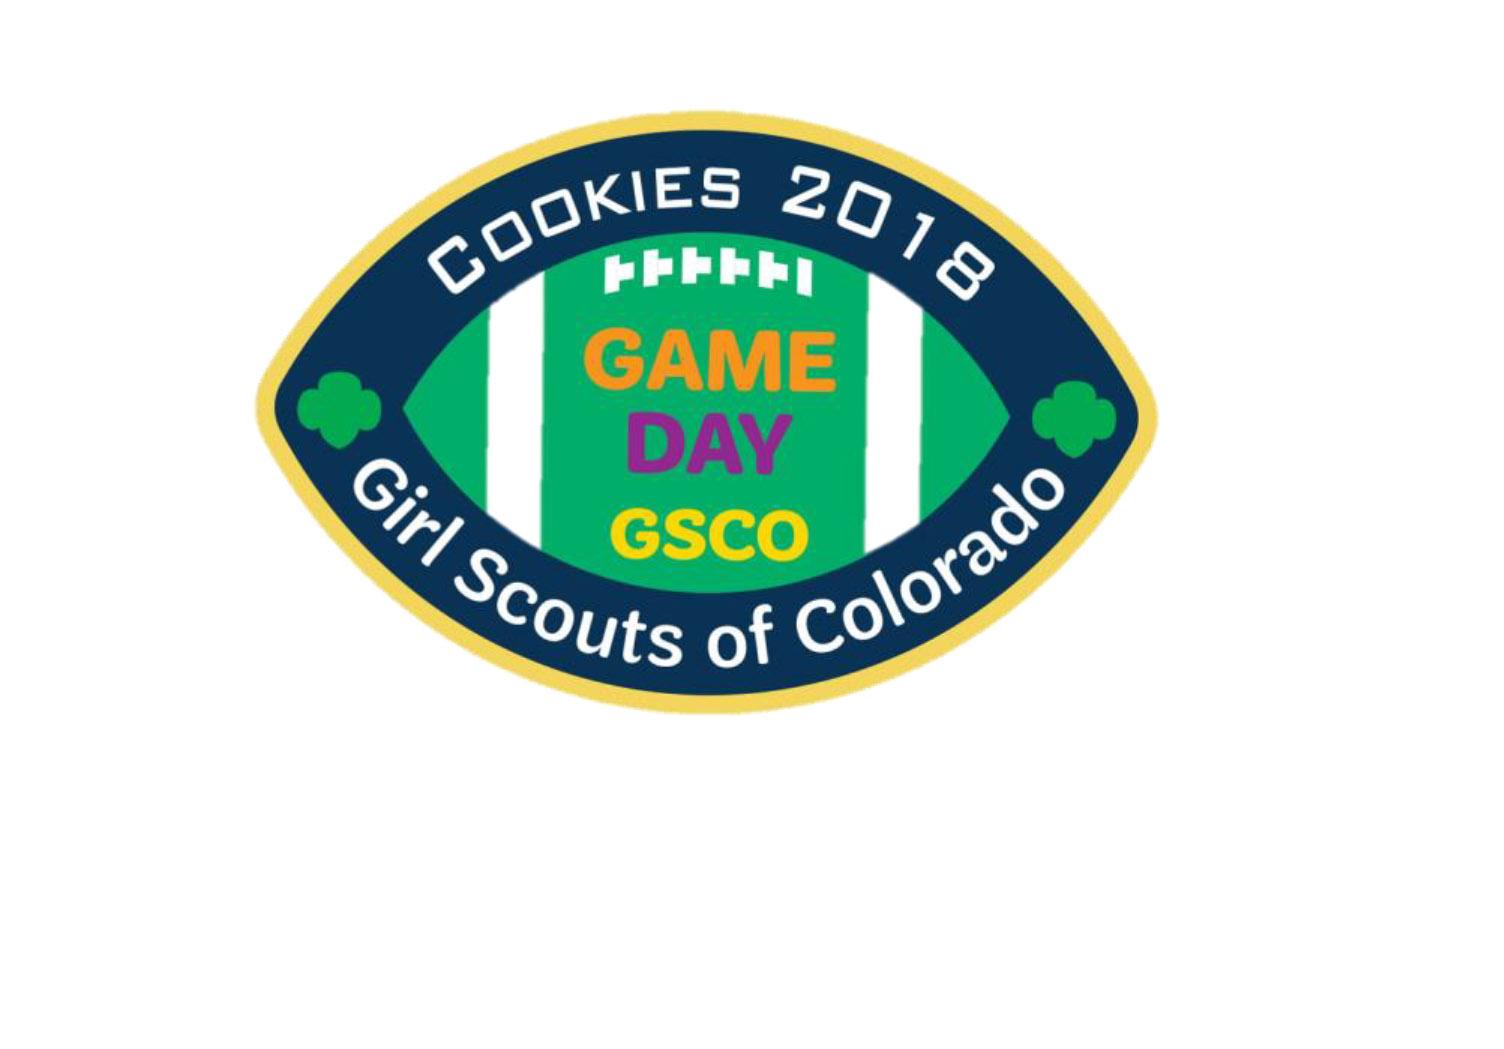 cookies volunteers gsco